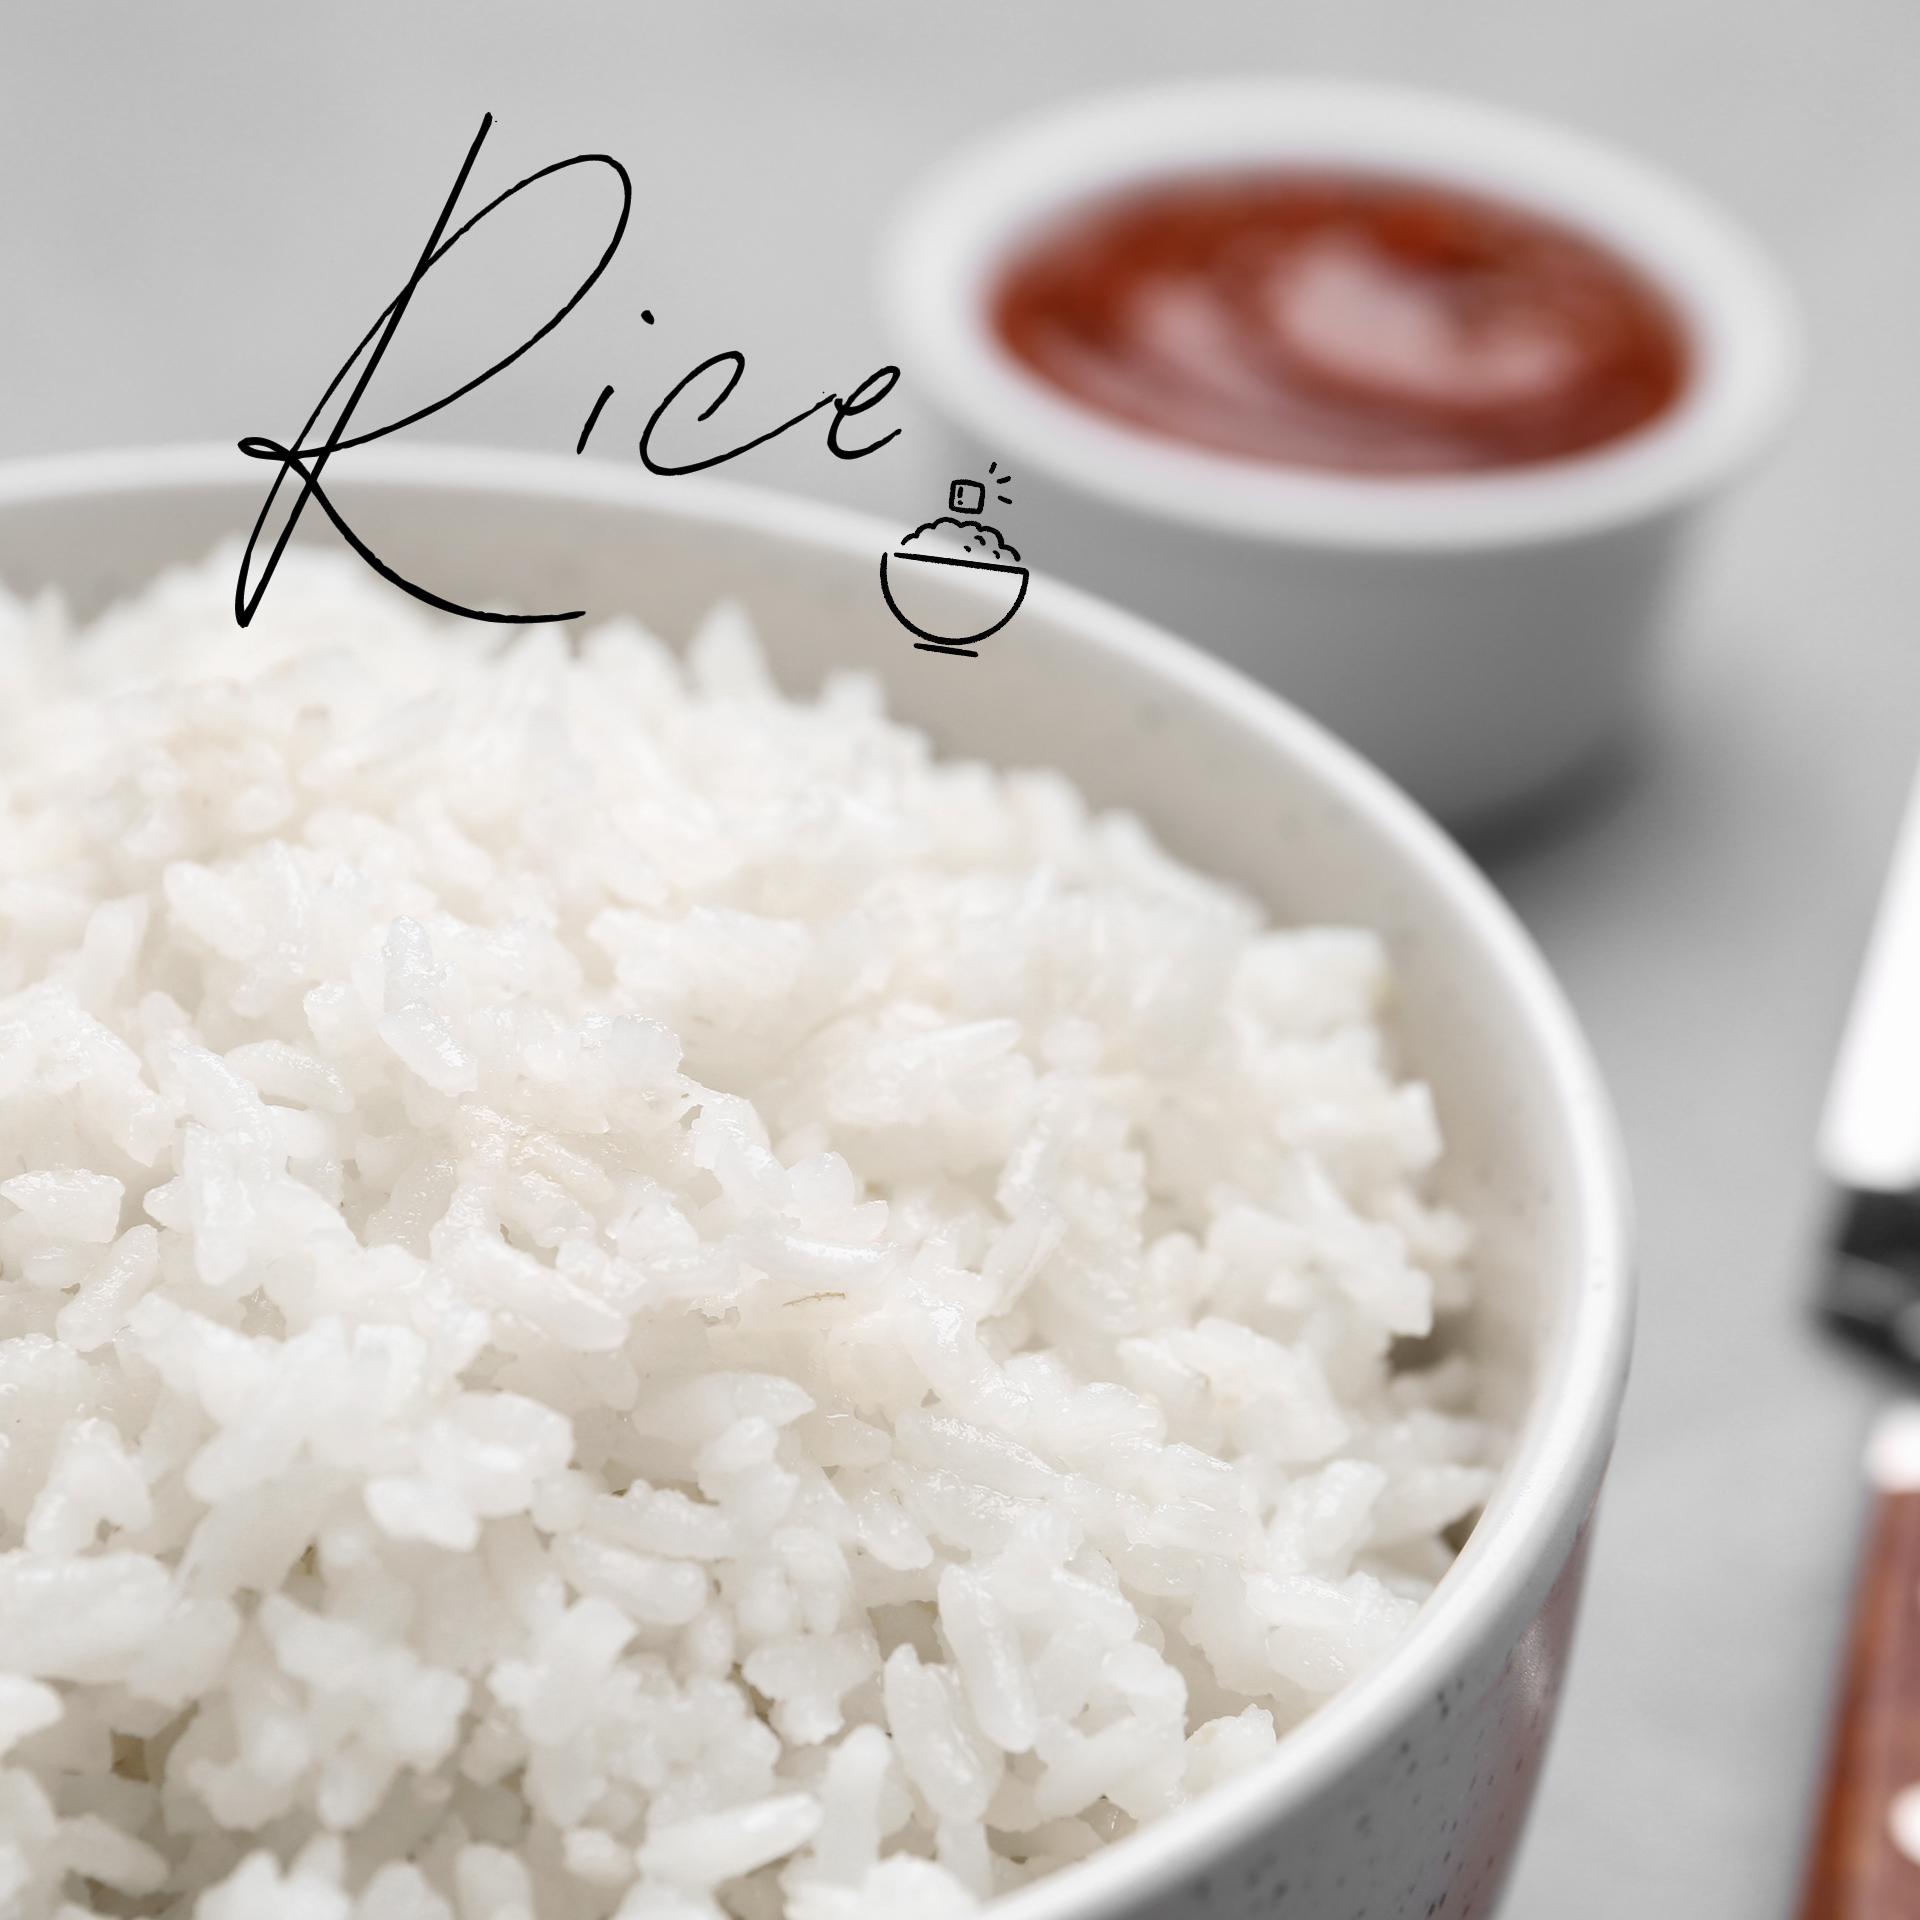 꽁꽁 언 냉동밥  갓 지은 밥처럼 촉촉하게 데우기